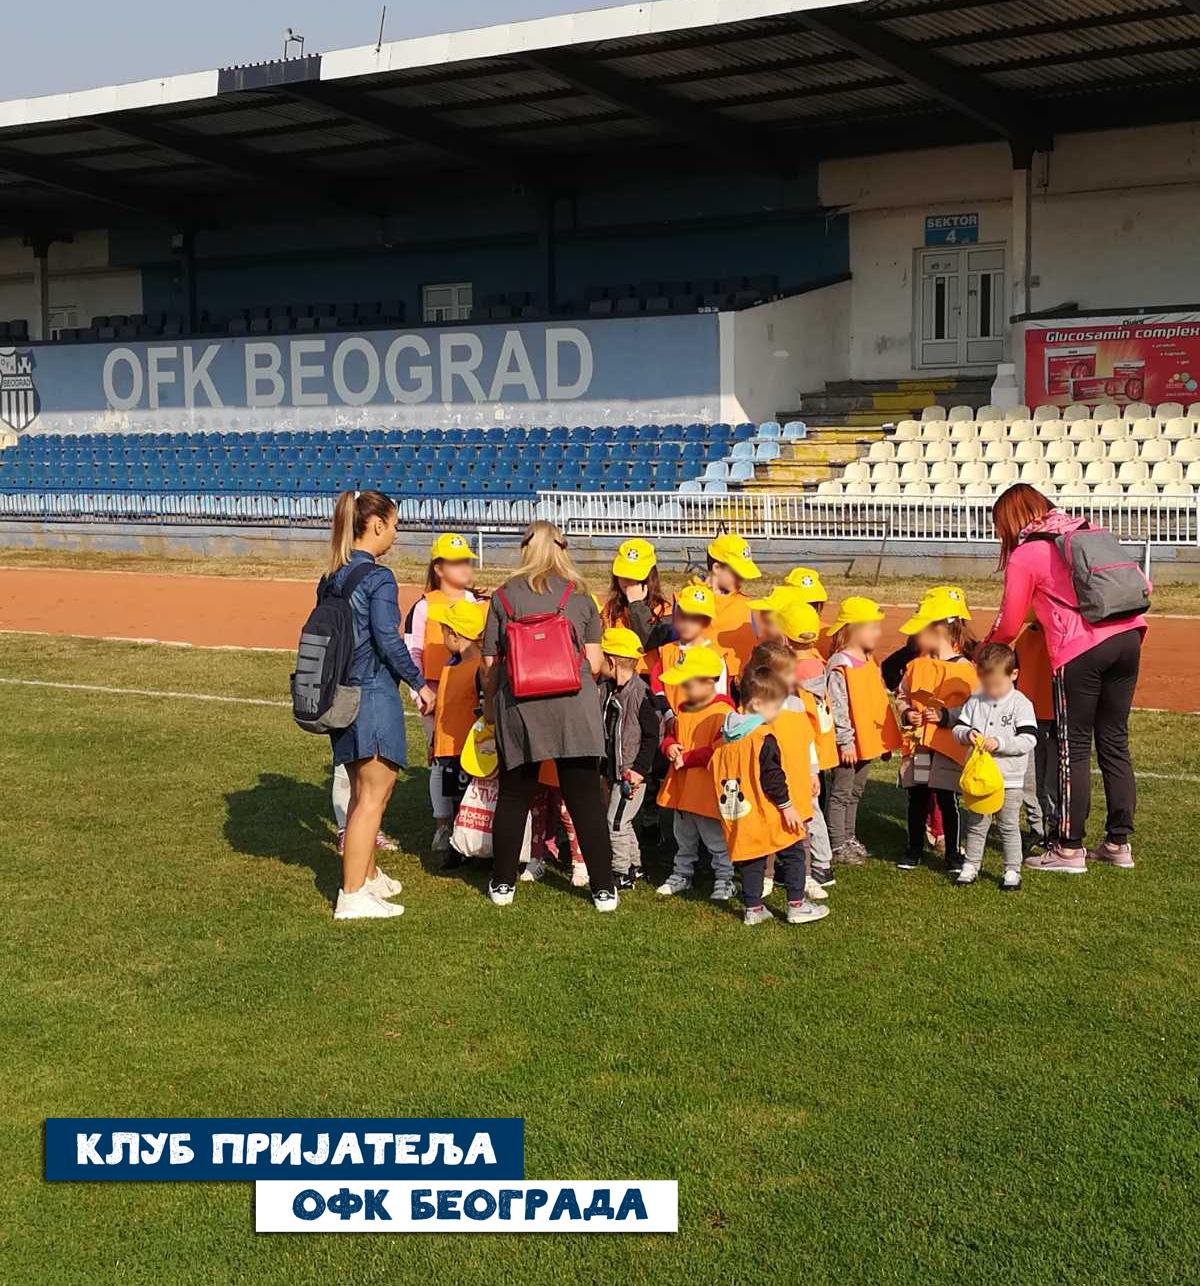 Посета најмлађих гостију нашем стадиону